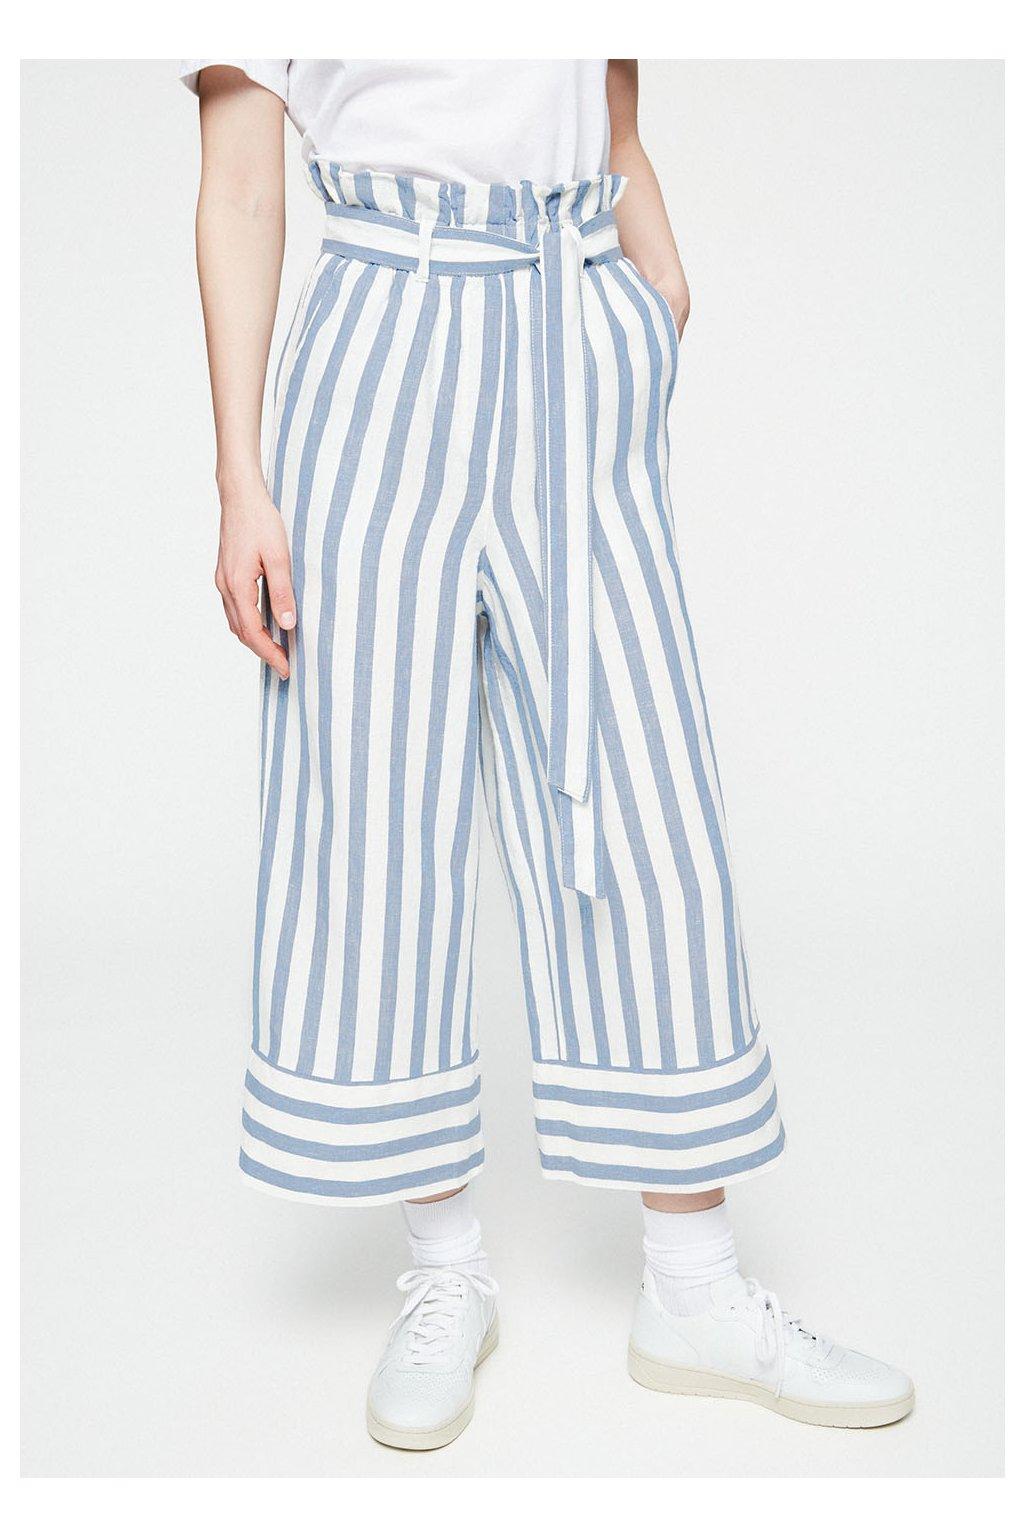 """Dámské lněné kalhoty """"MAARINA BLOCK STRIPE"""" (Velikost L)"""